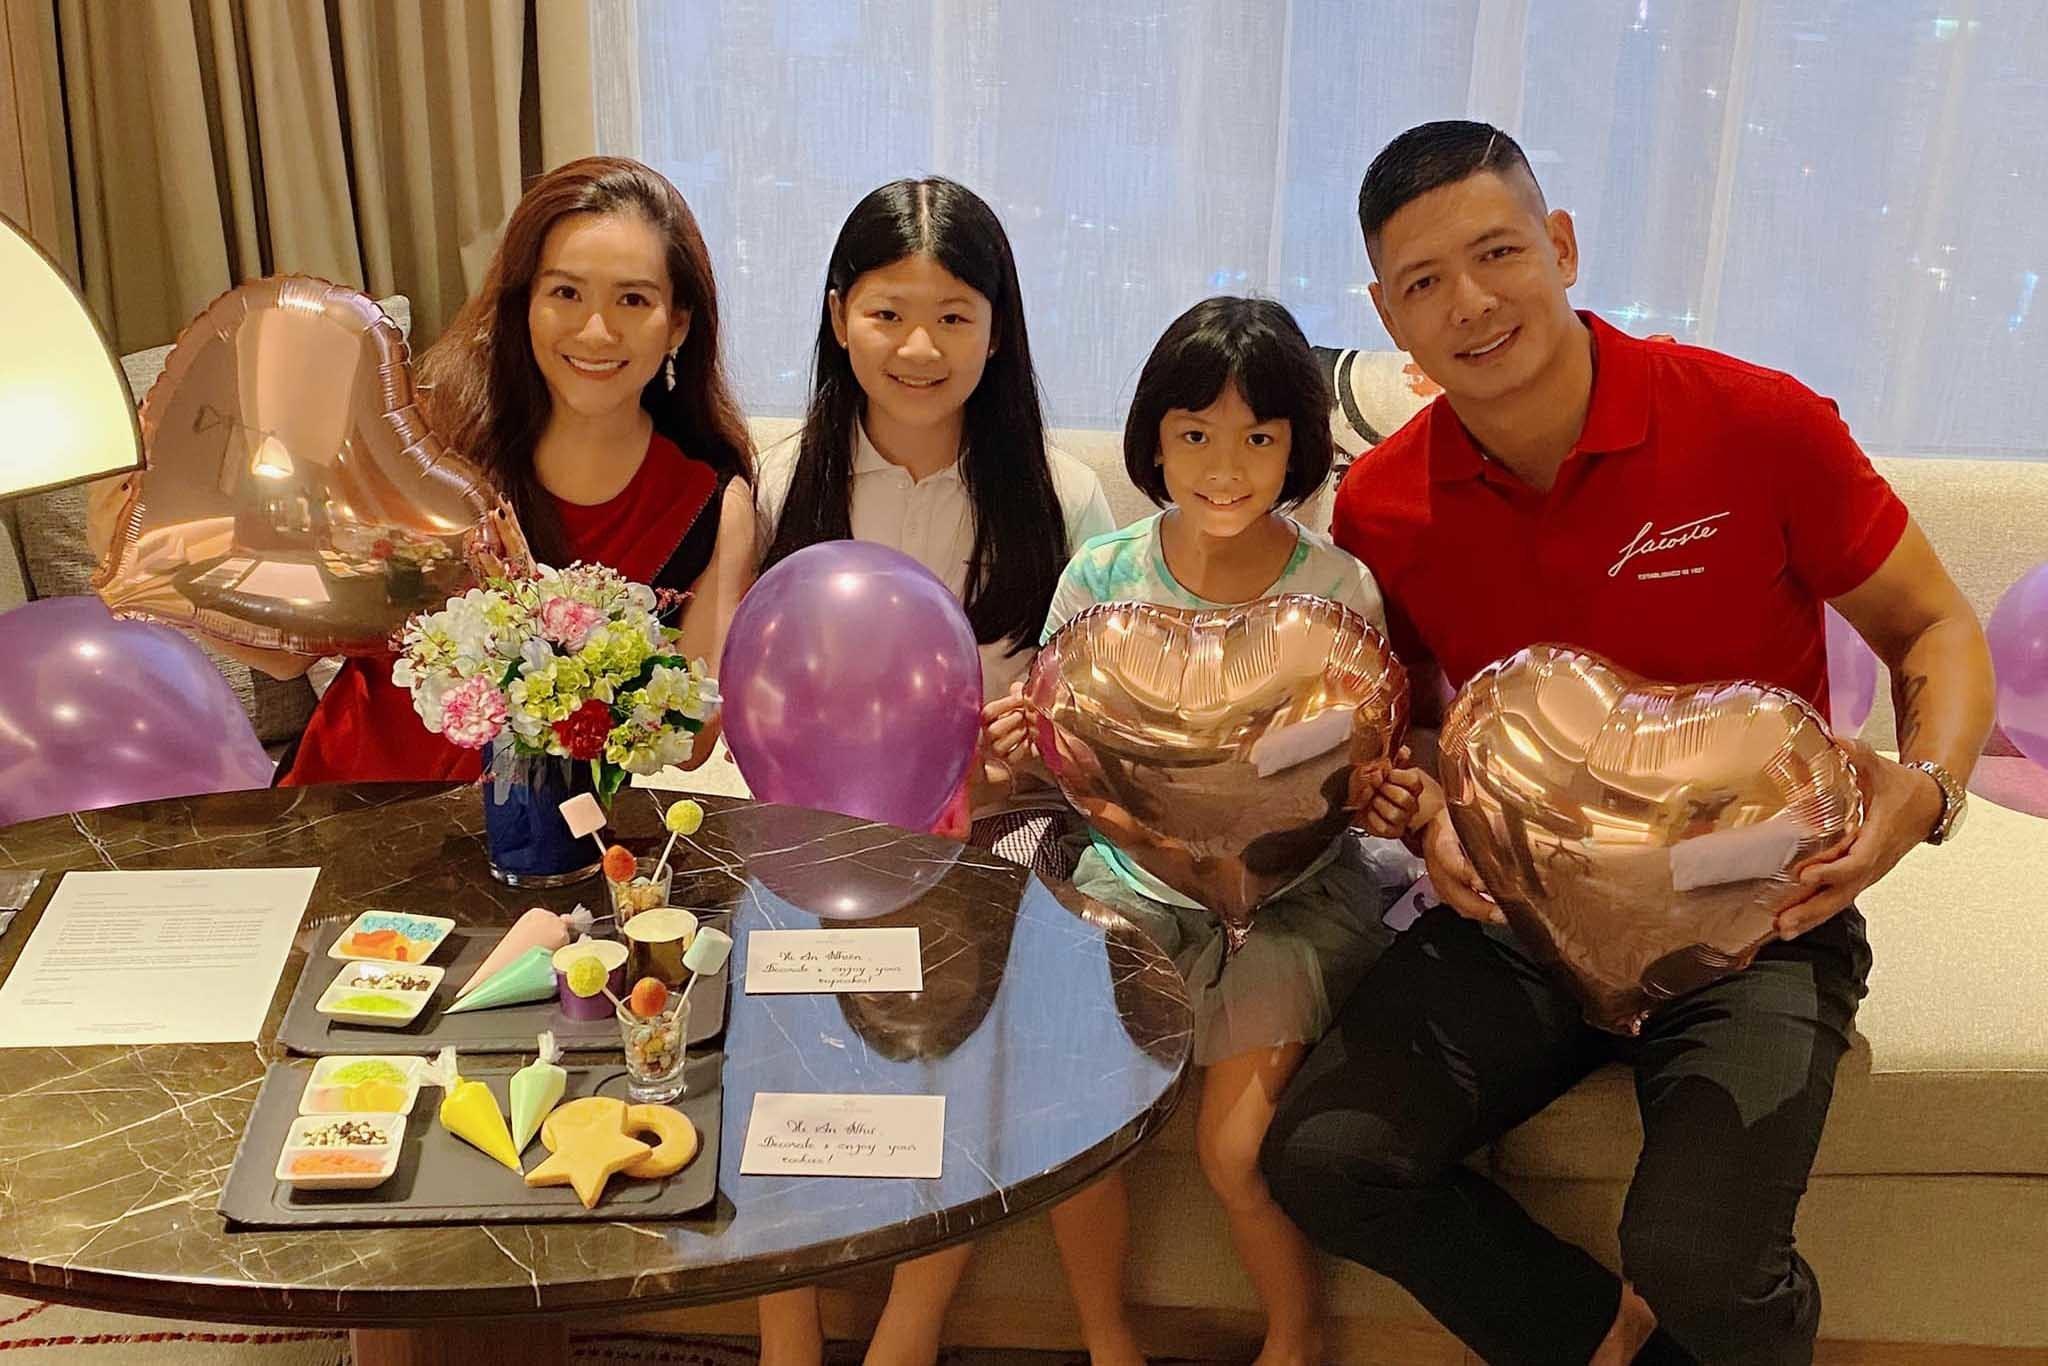 Tình yêu 'chị em' kém chục tuổi vẫn hạnh phúc trong showbiz Việt